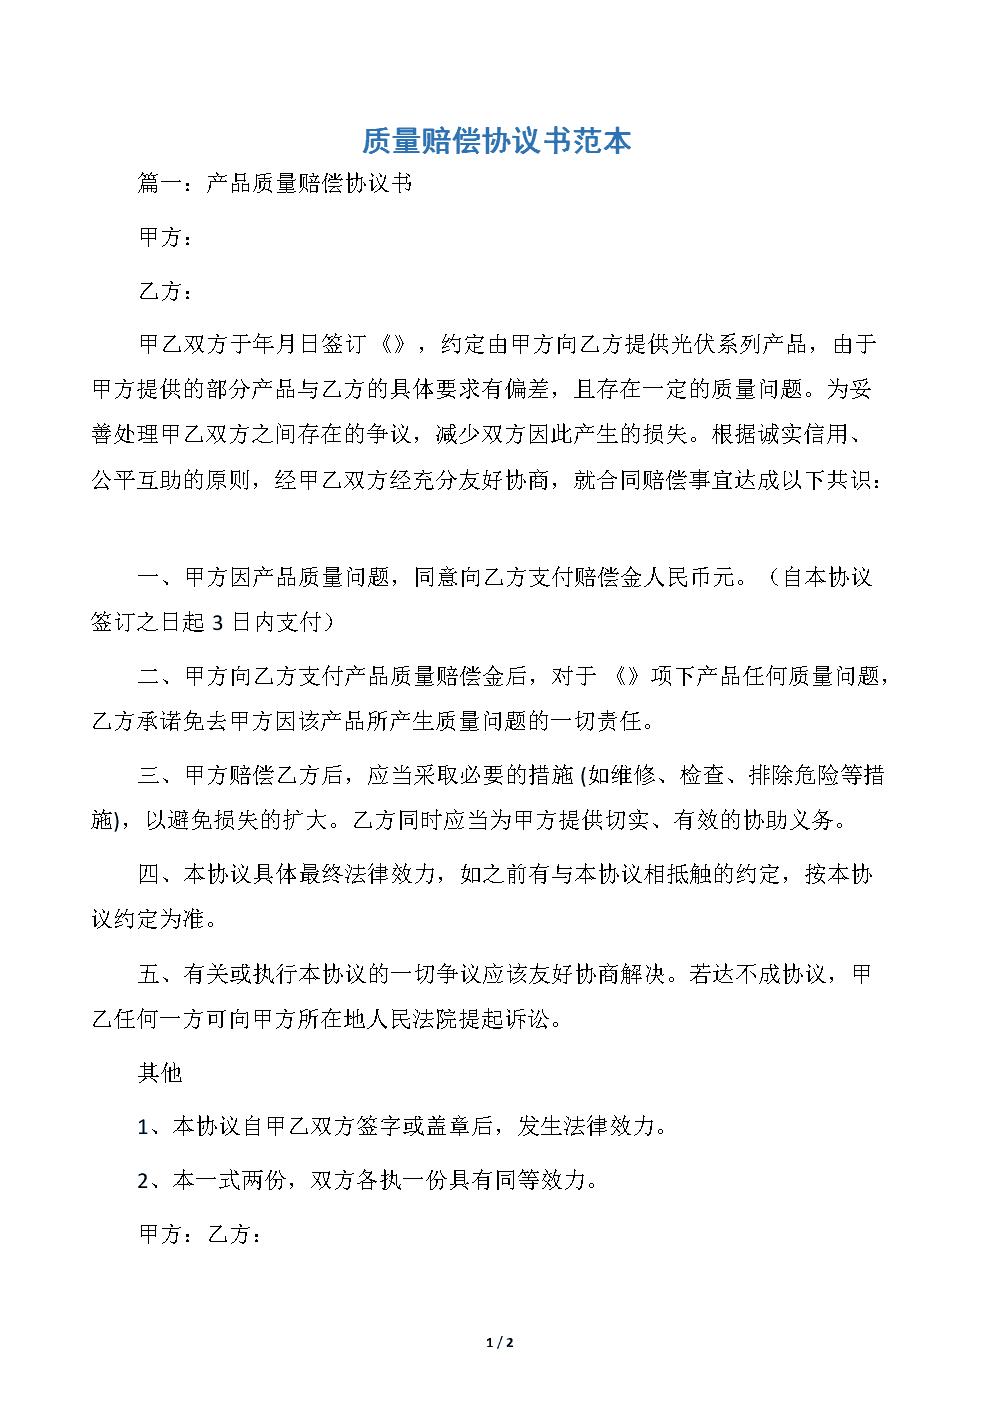 质量赔偿协议书范本.docx